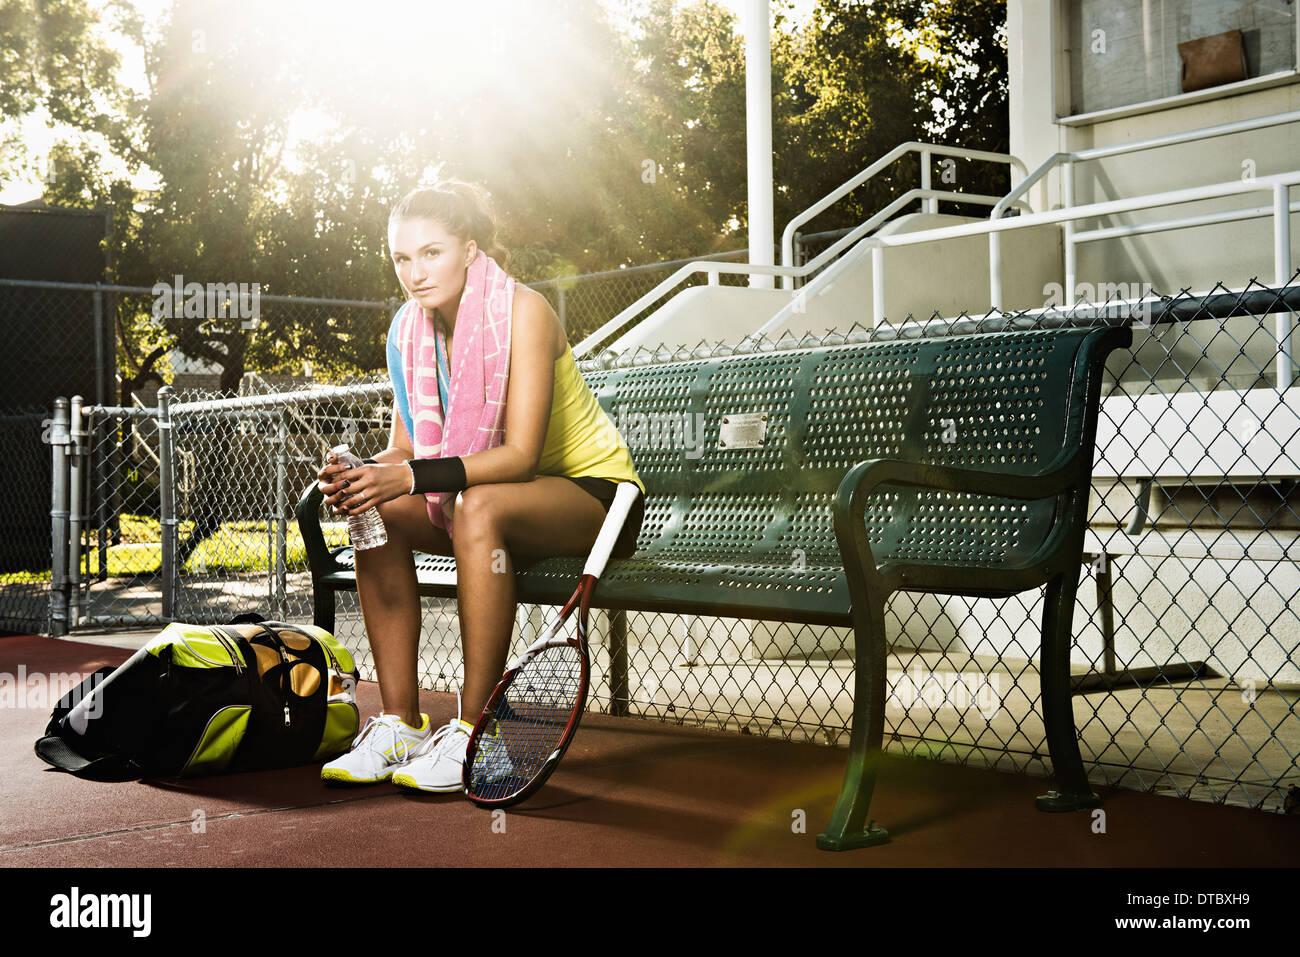 Tennis player sur le banc se reposant Photo Stock